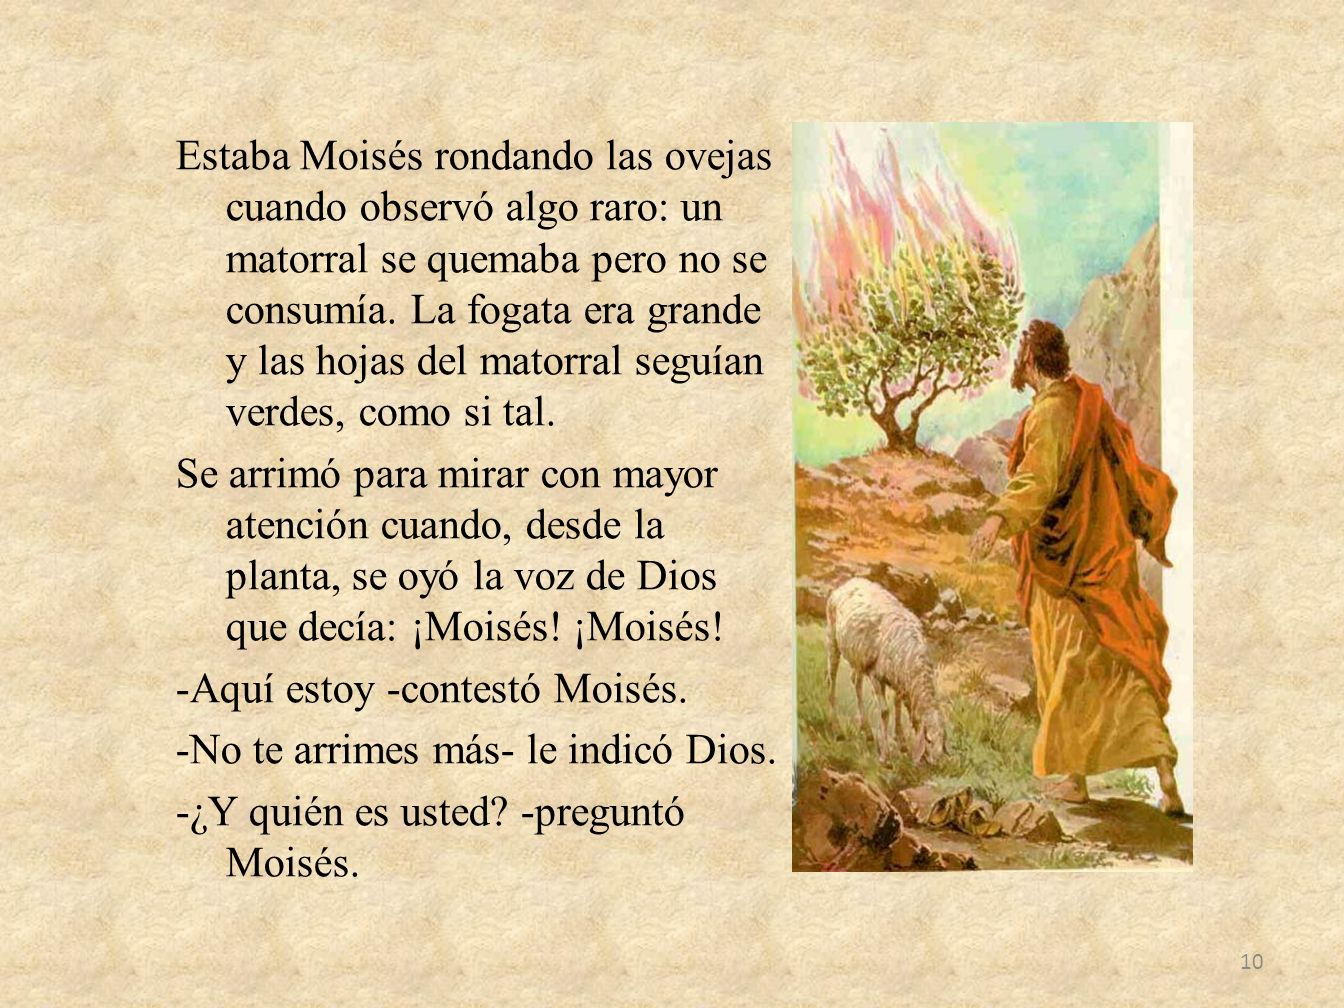 Estaba Moisés rondando las ovejas cuando observó algo raro: un matorral se quemaba pero no se consumía.